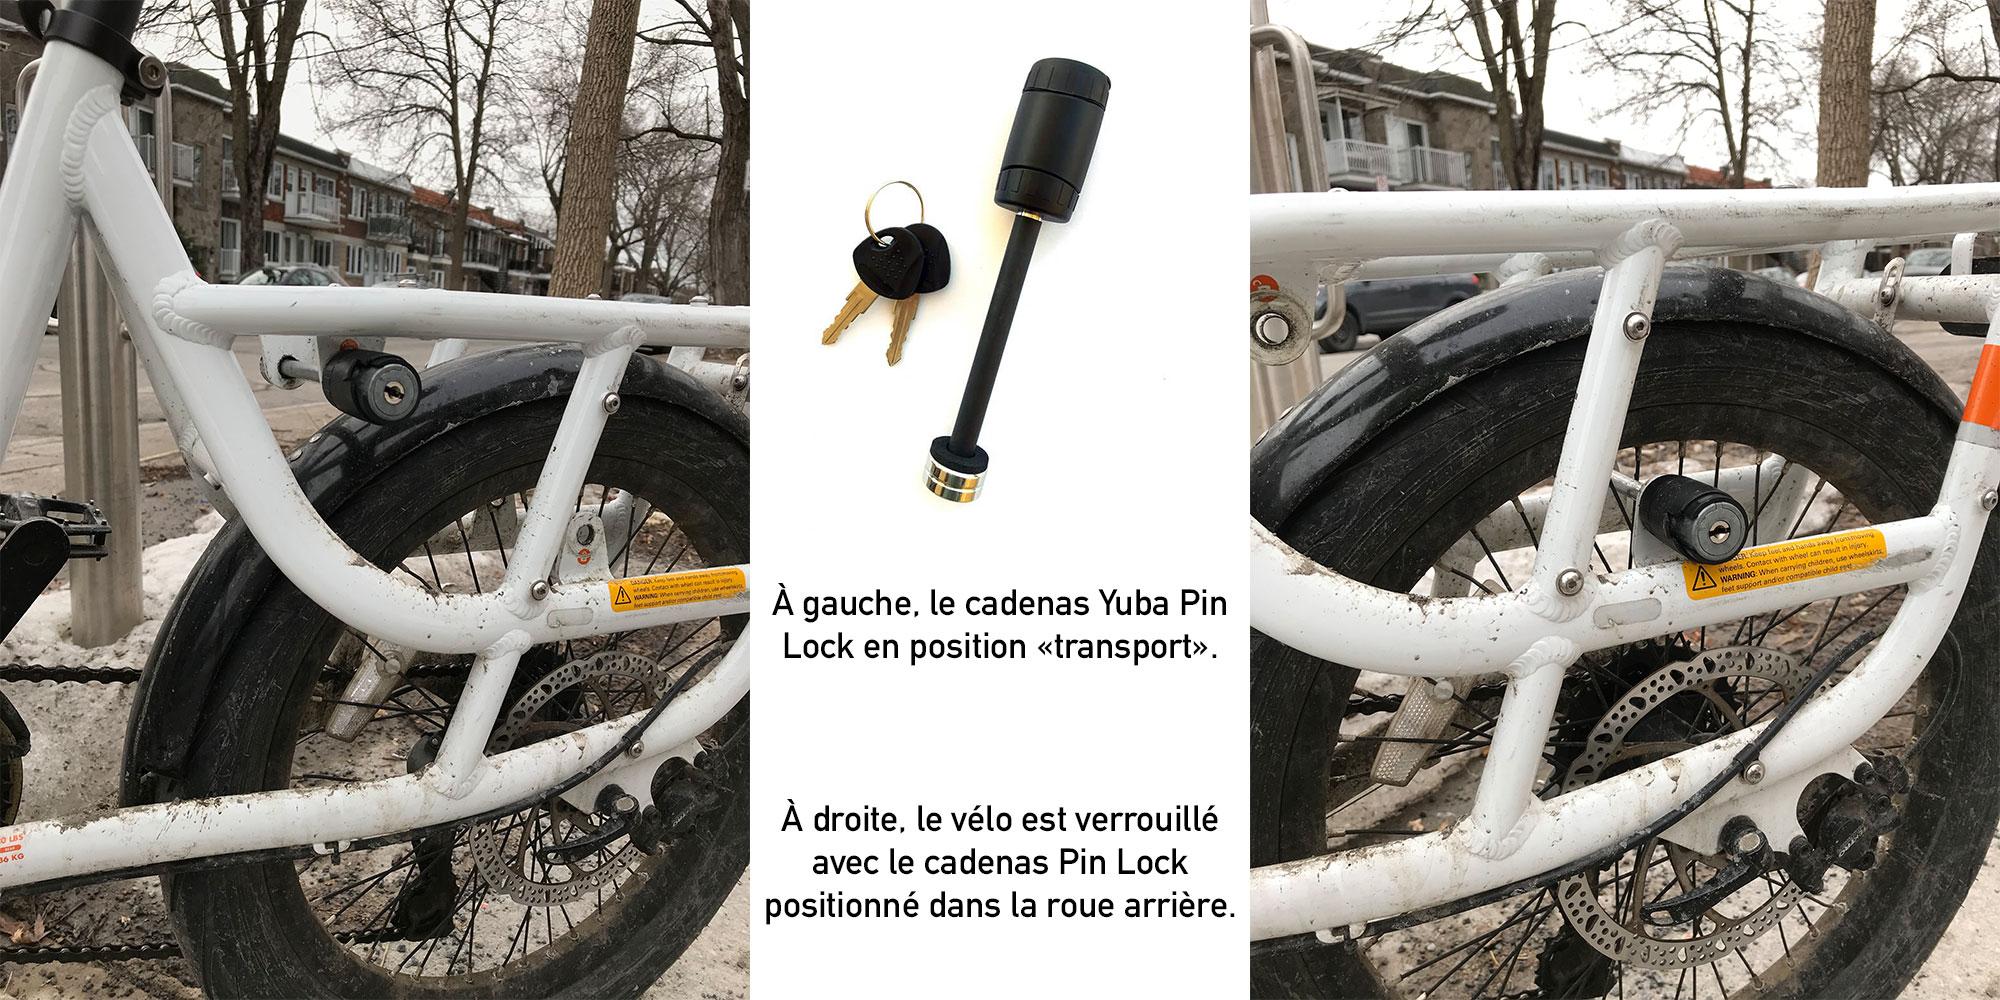 Yuba Pin Lock